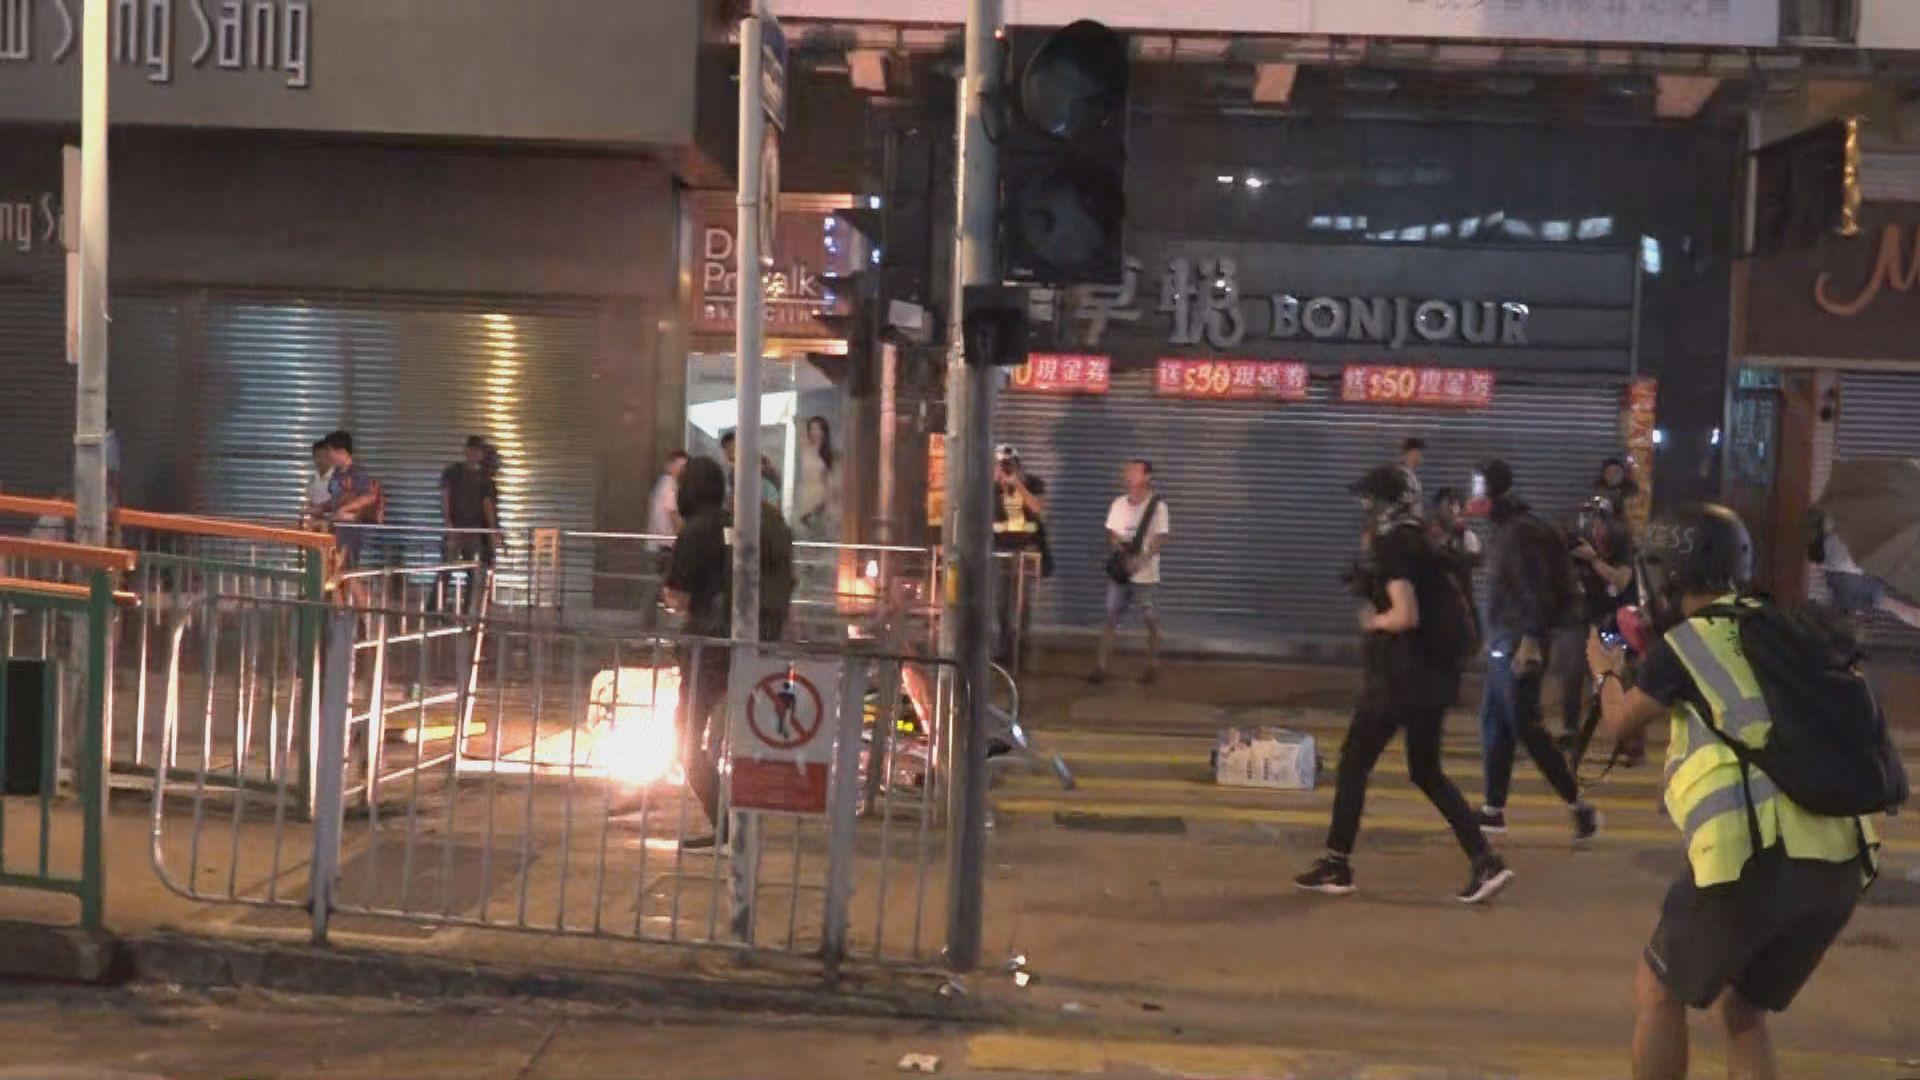 示威者元朗投擲汽油彈 警放催淚彈驅散